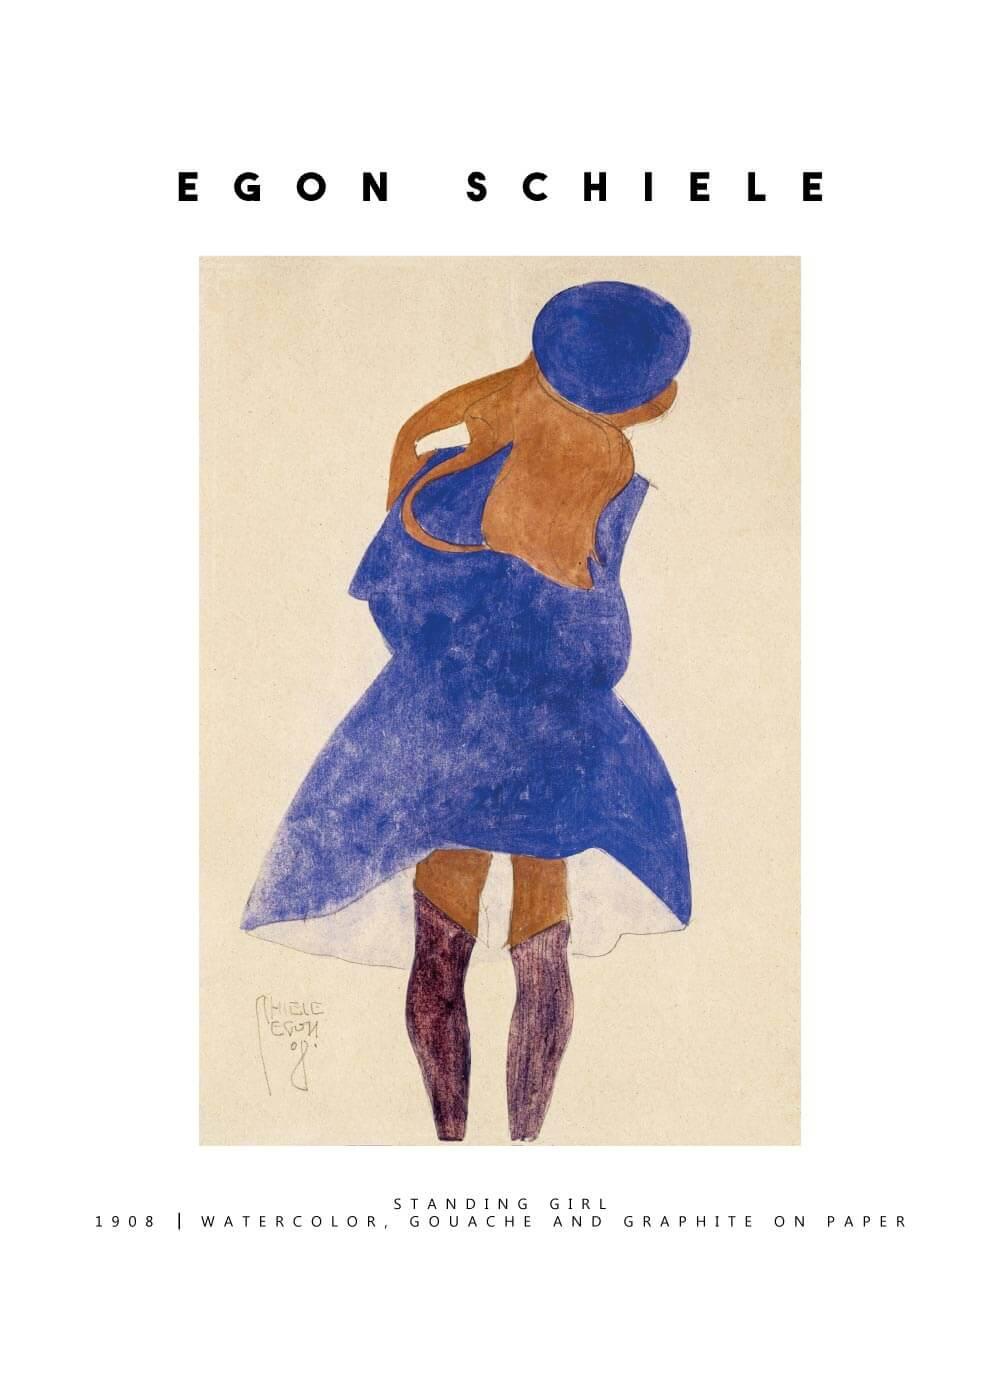 Billede af Standing girl - Egon Schiele